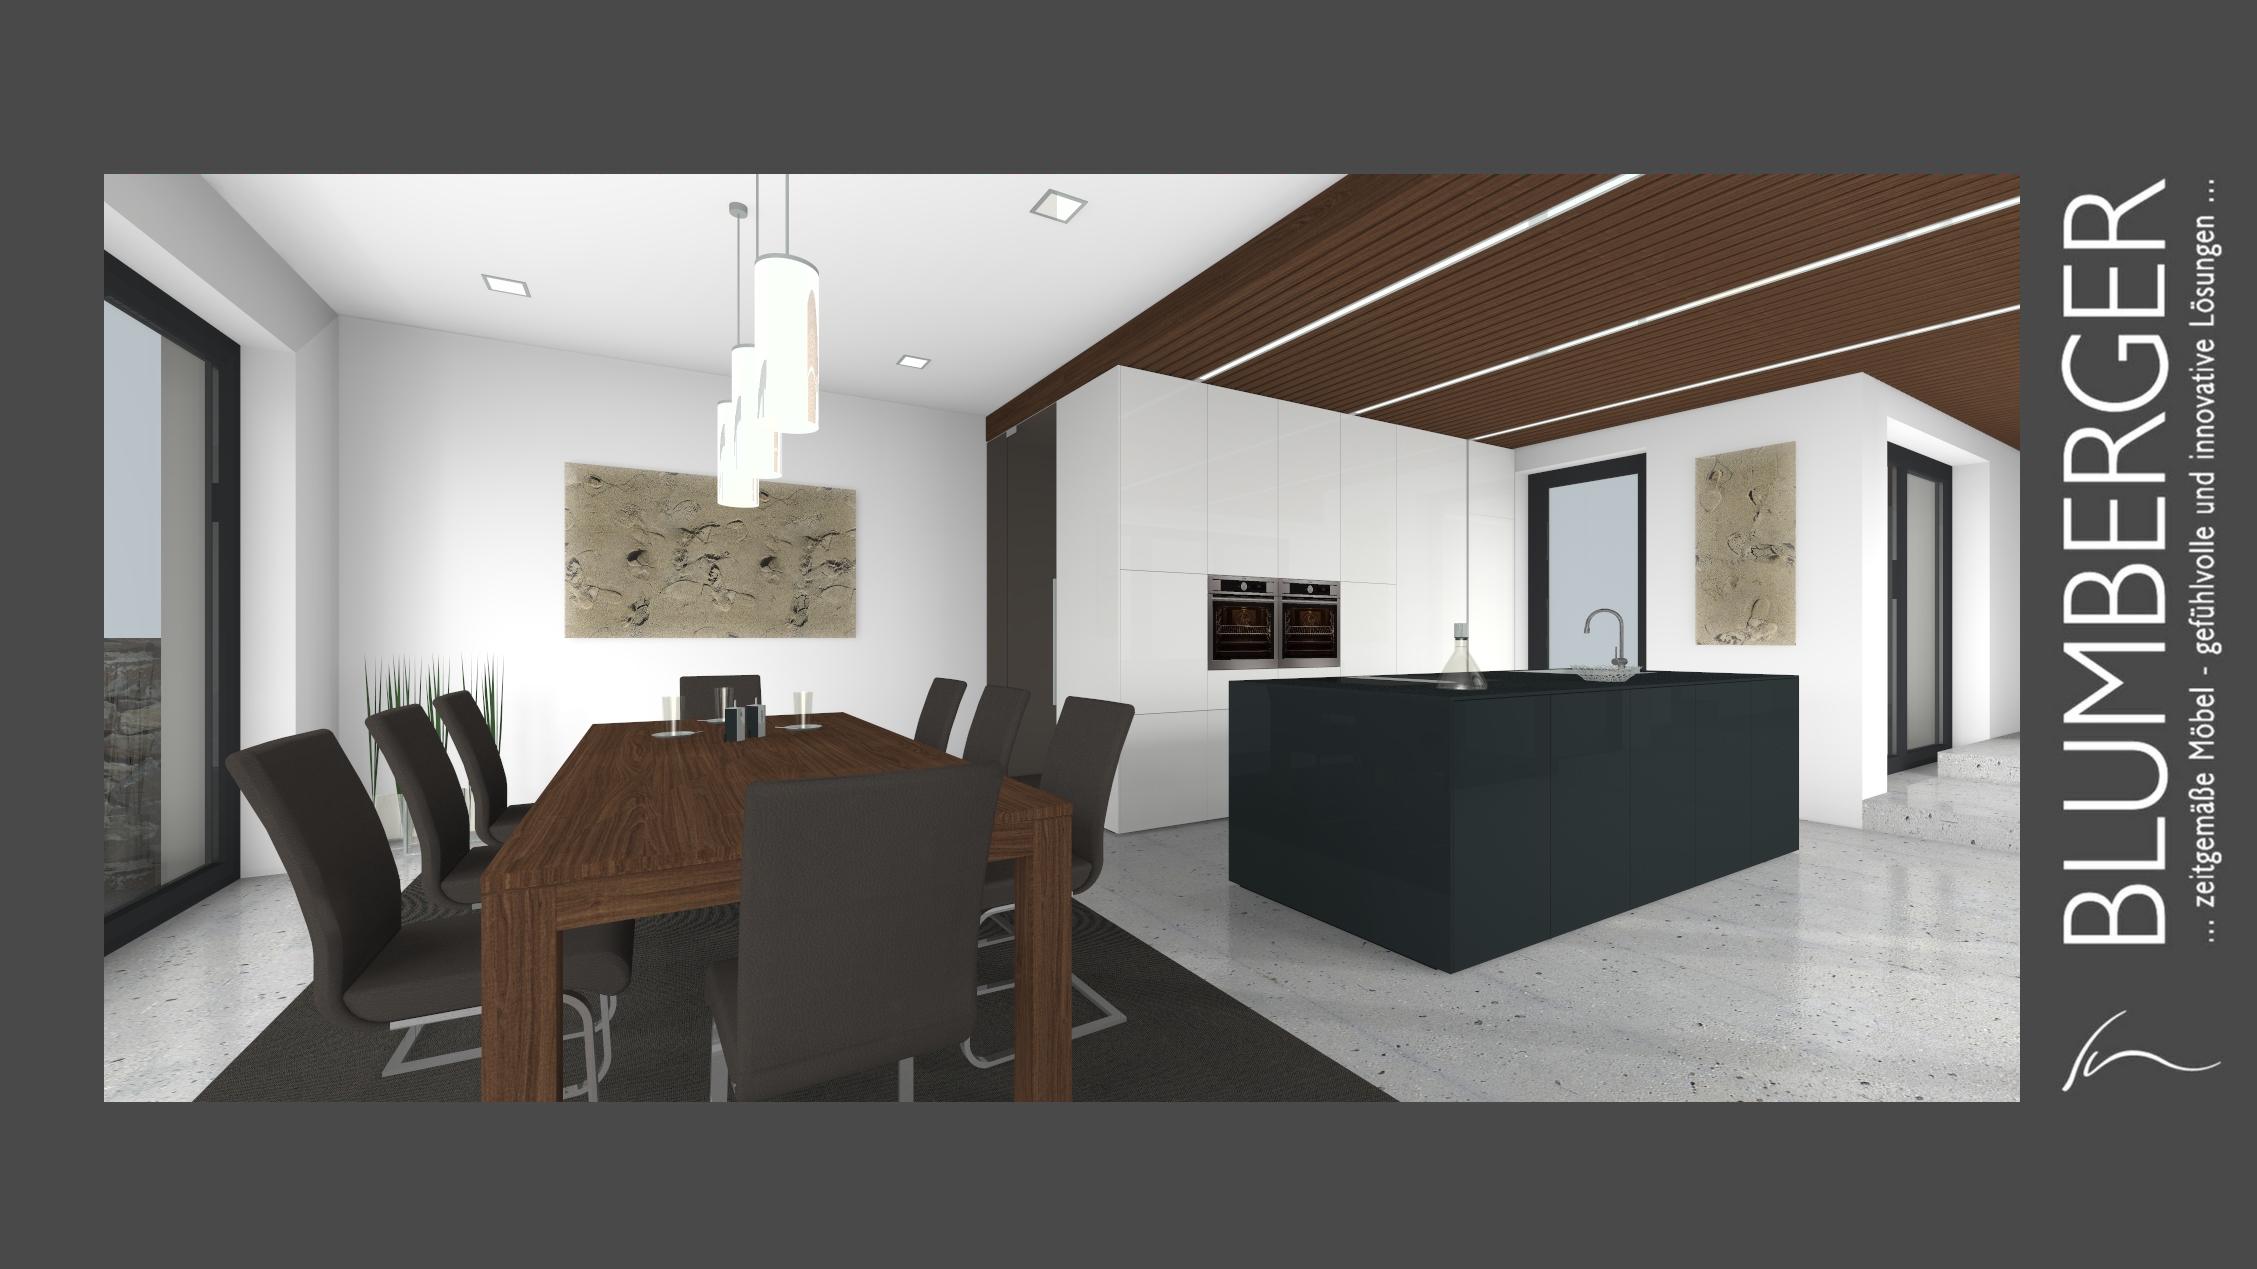 blumberger moebel architektur waldviertler handwerker. Black Bedroom Furniture Sets. Home Design Ideas